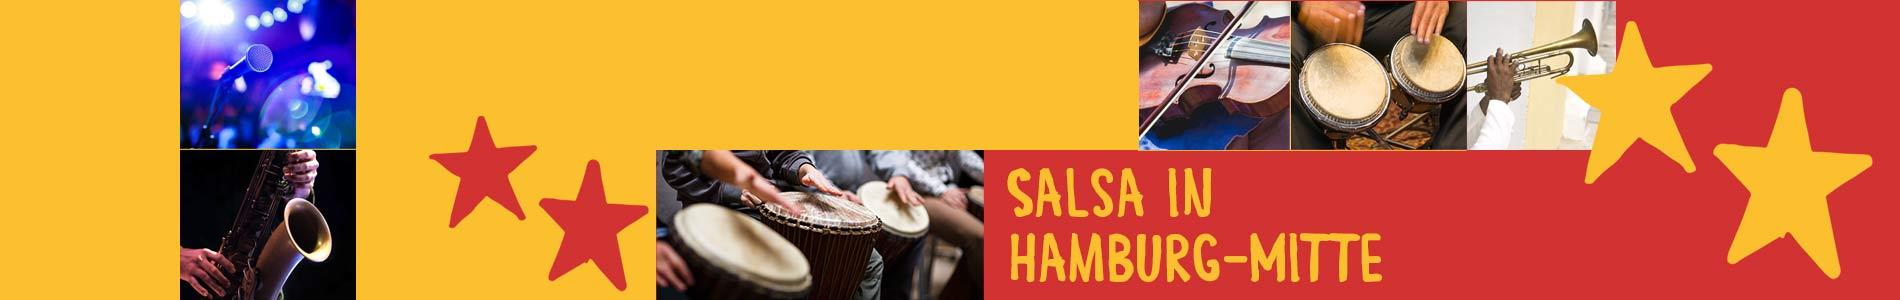 Salsa in Hamburg – Salsa lernen und tanzen, Tanzkurse, Partys, Veranstaltungen